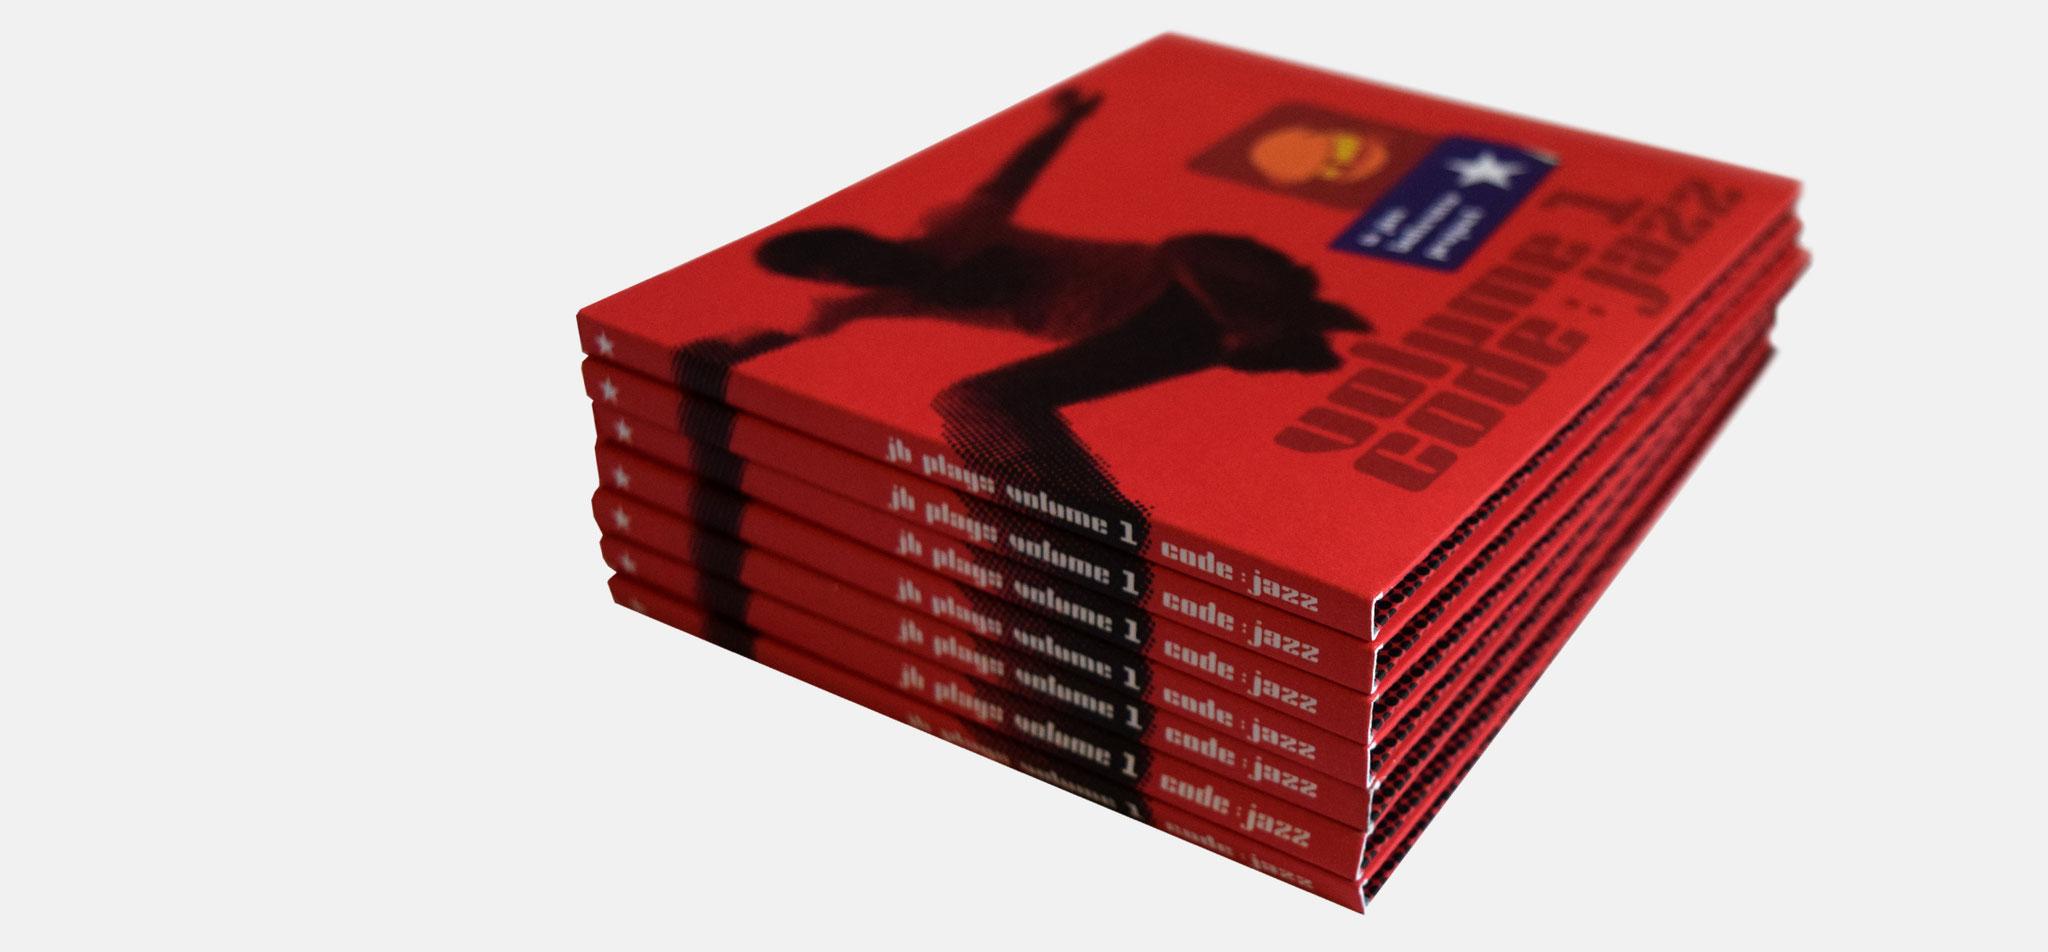 JAN BEHRENS | audiophile serie JB plays– infragrau, gute gestaltung